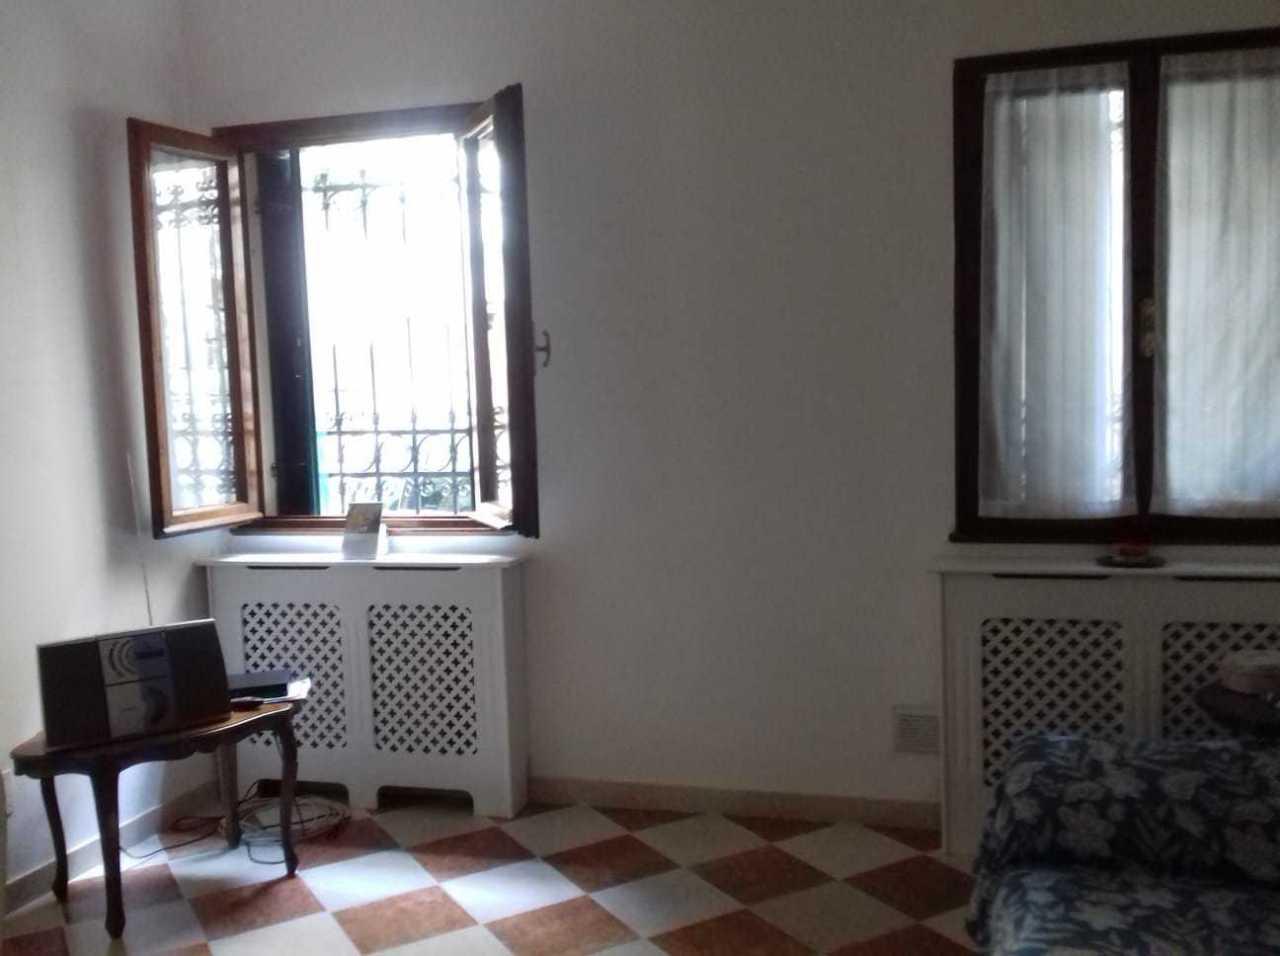 Semindipendente - Porzione di casa a Rovigo